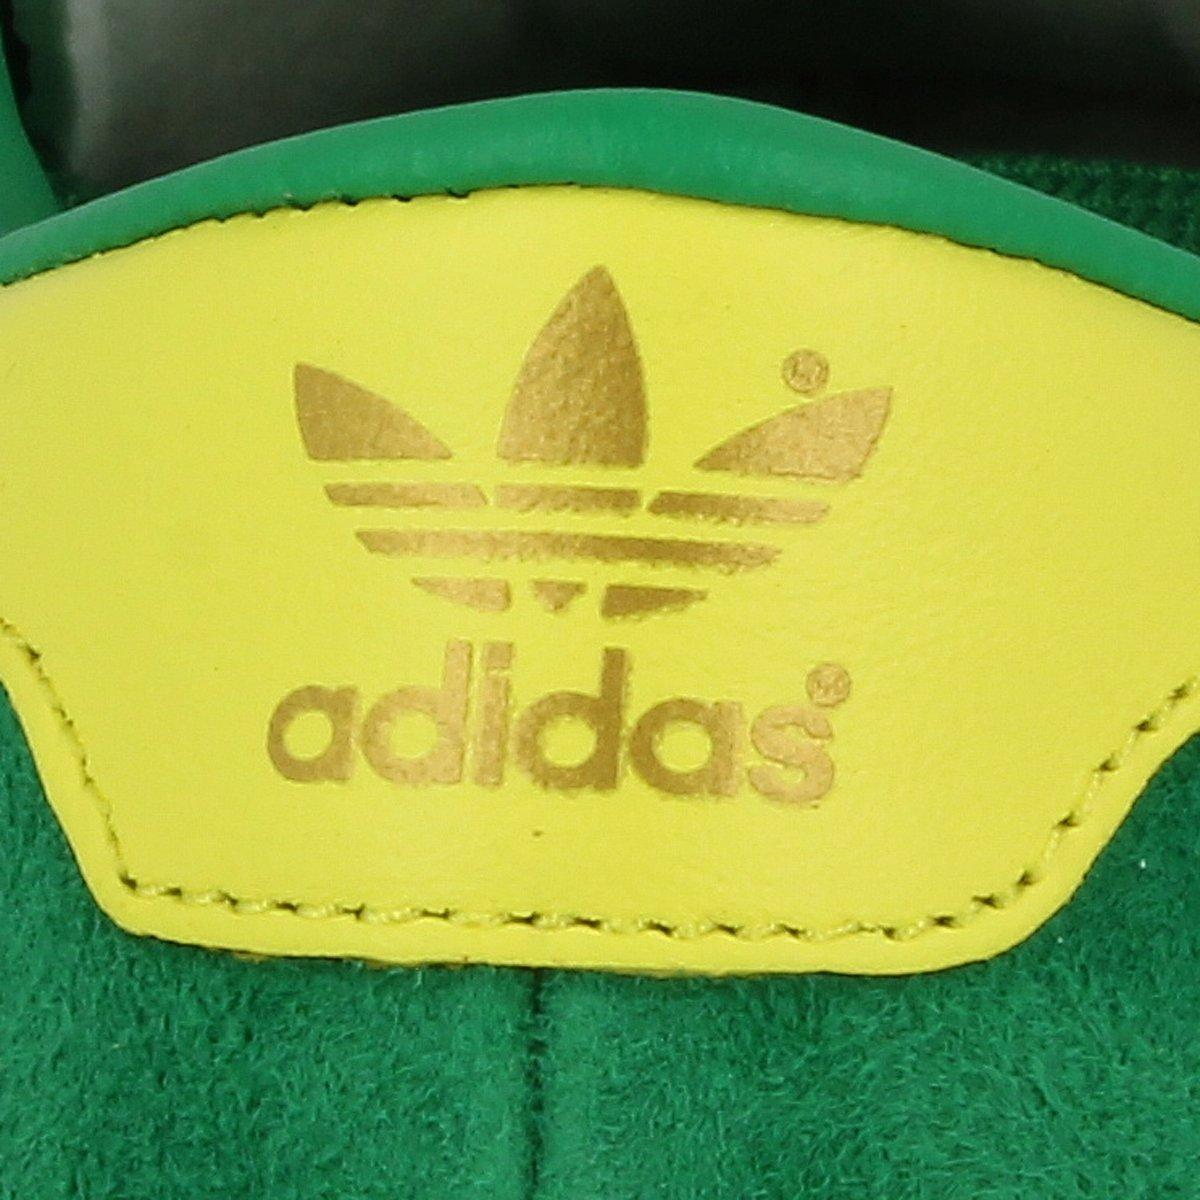 adidas hamburg groen geel